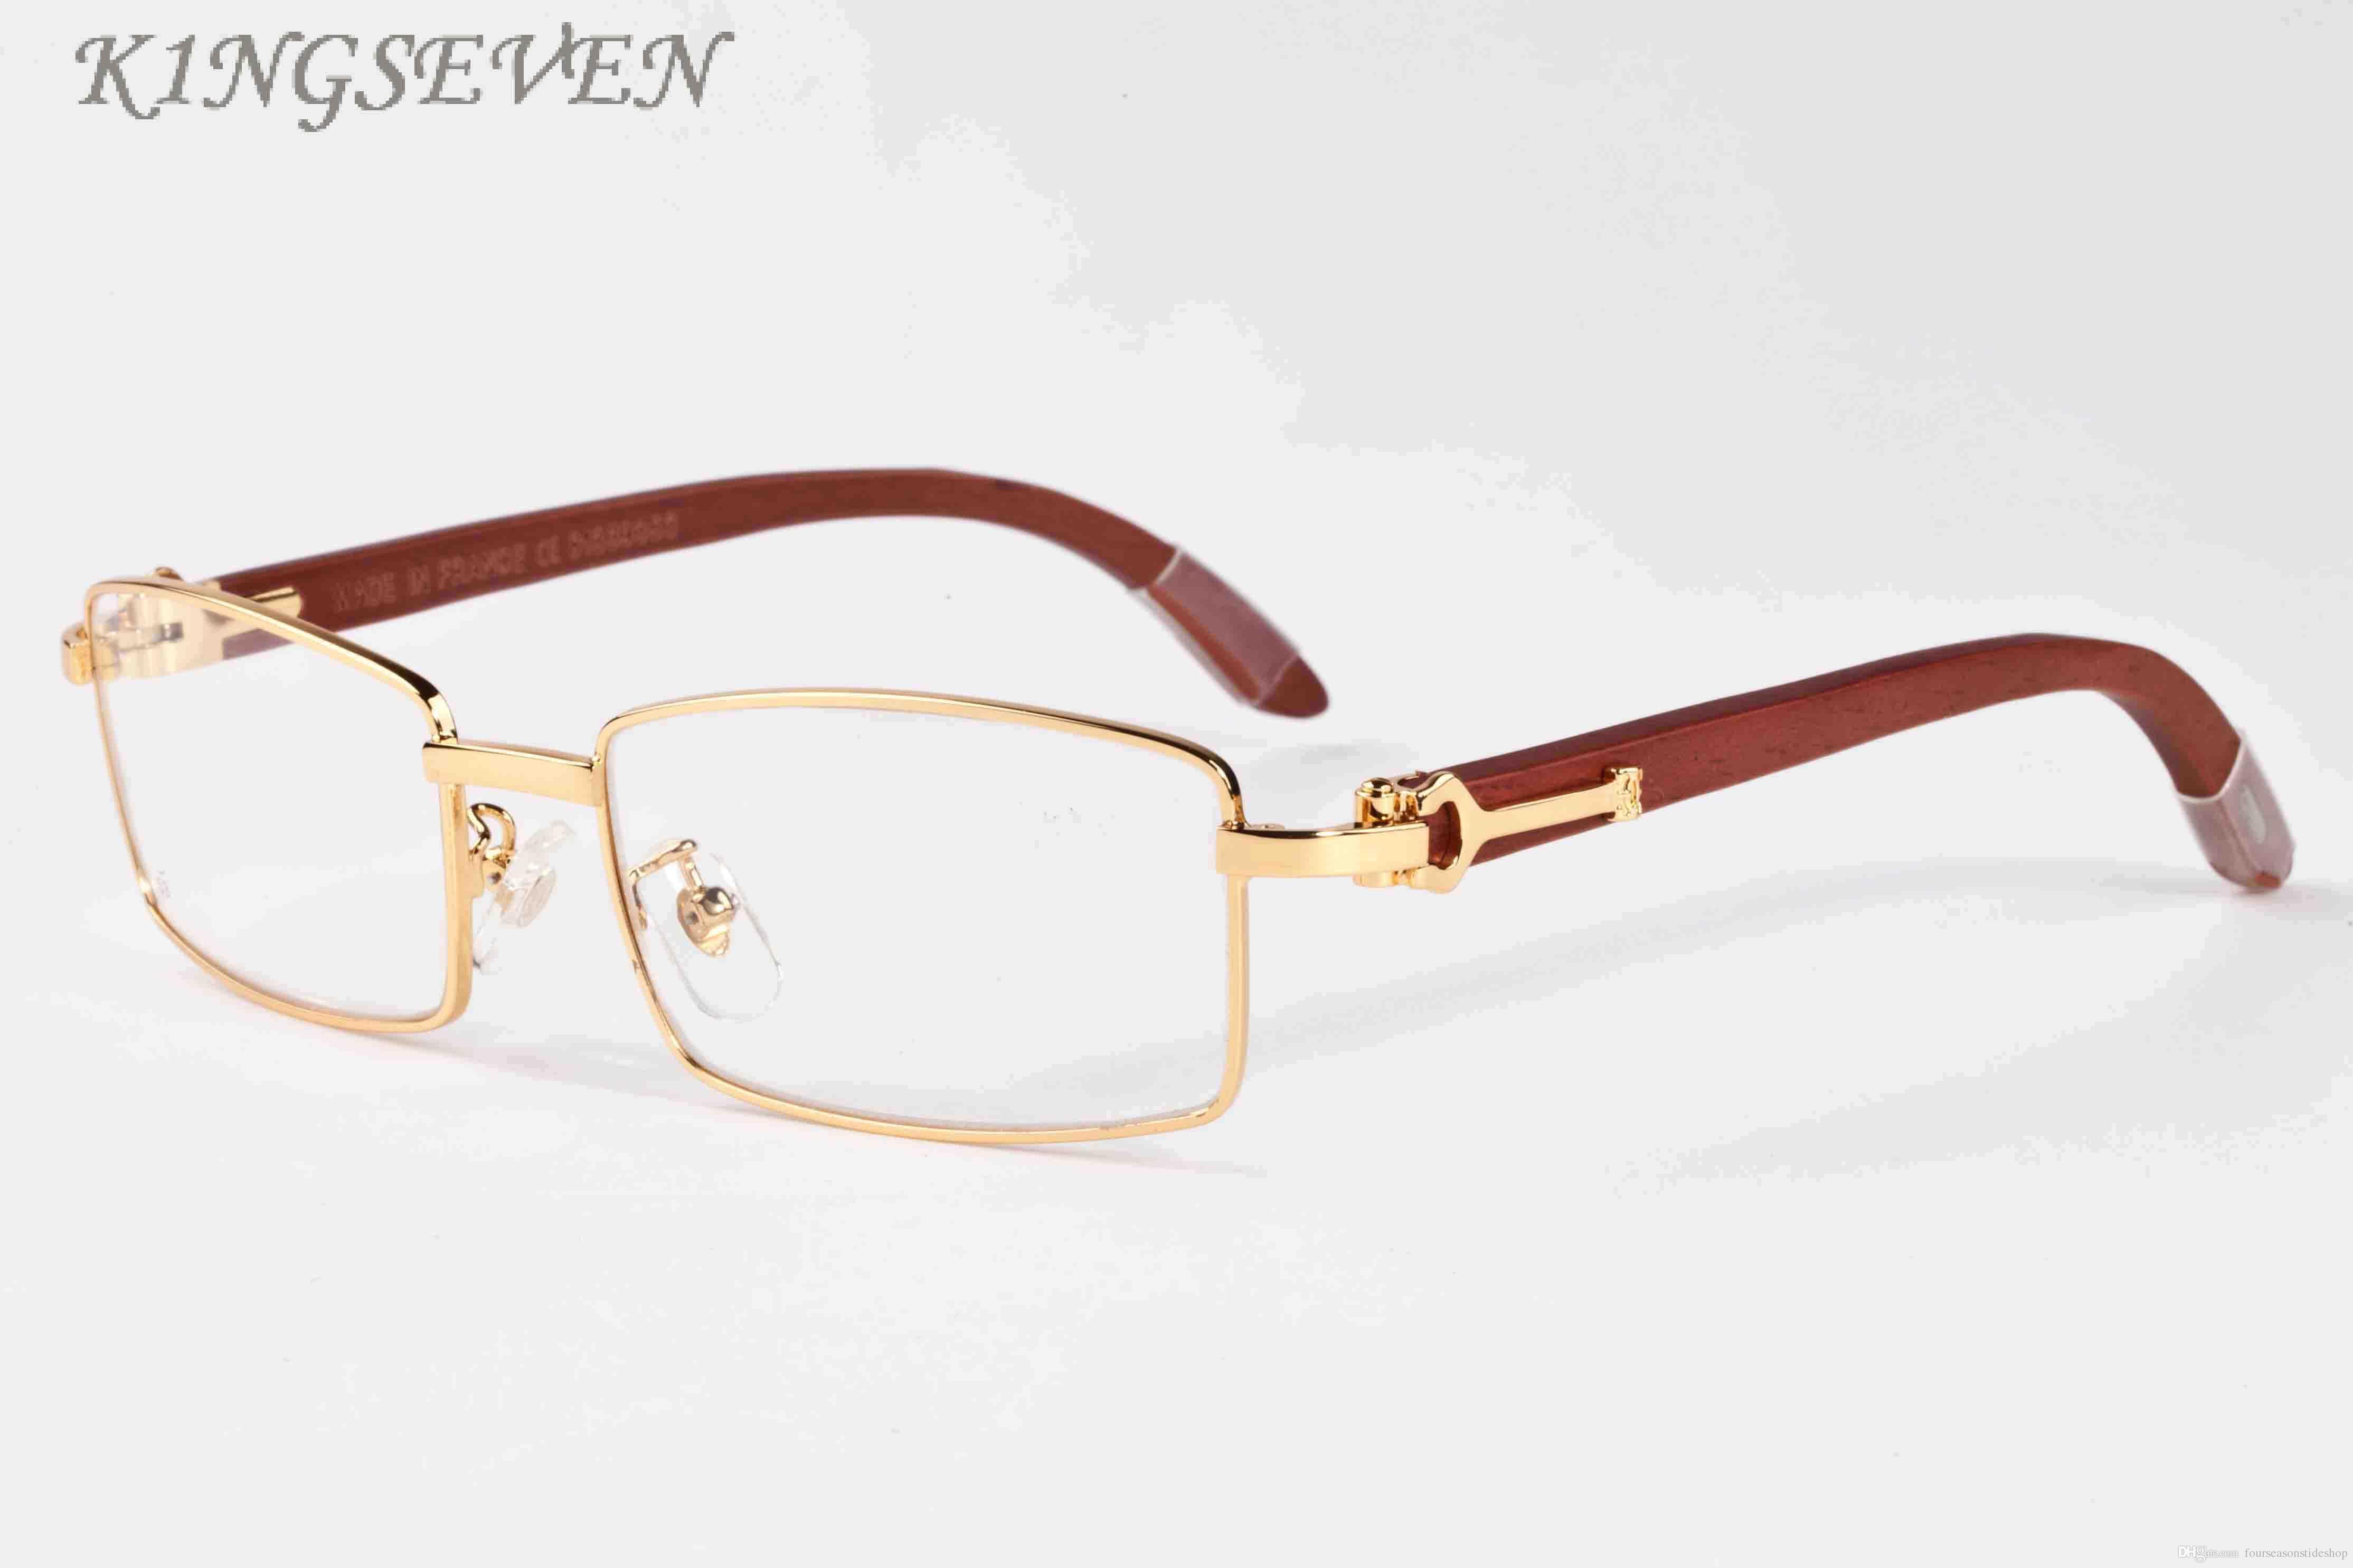 여자 패션 남성 선글라스 대나무 나무 2020 고품질 물소 뿔 안경은 명확 풀 프레임 골드 실버 금속 프레임 선글라스